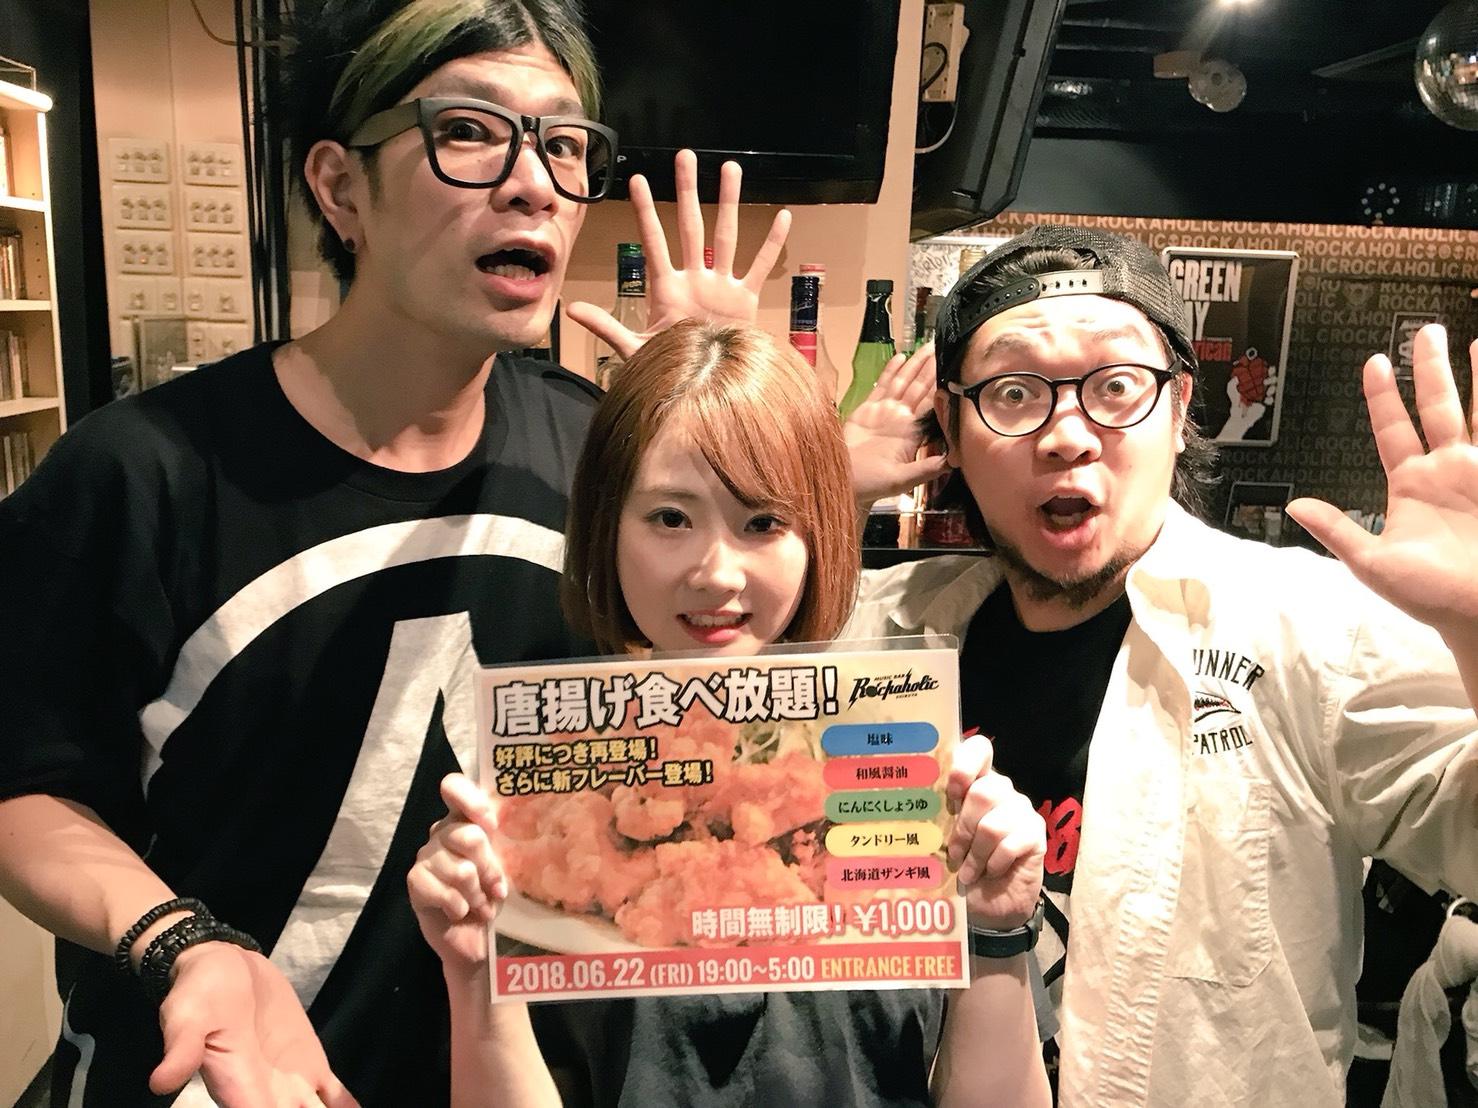 https://bar-rockaholic.jp/shibuya/blog/S__4562957.jpg